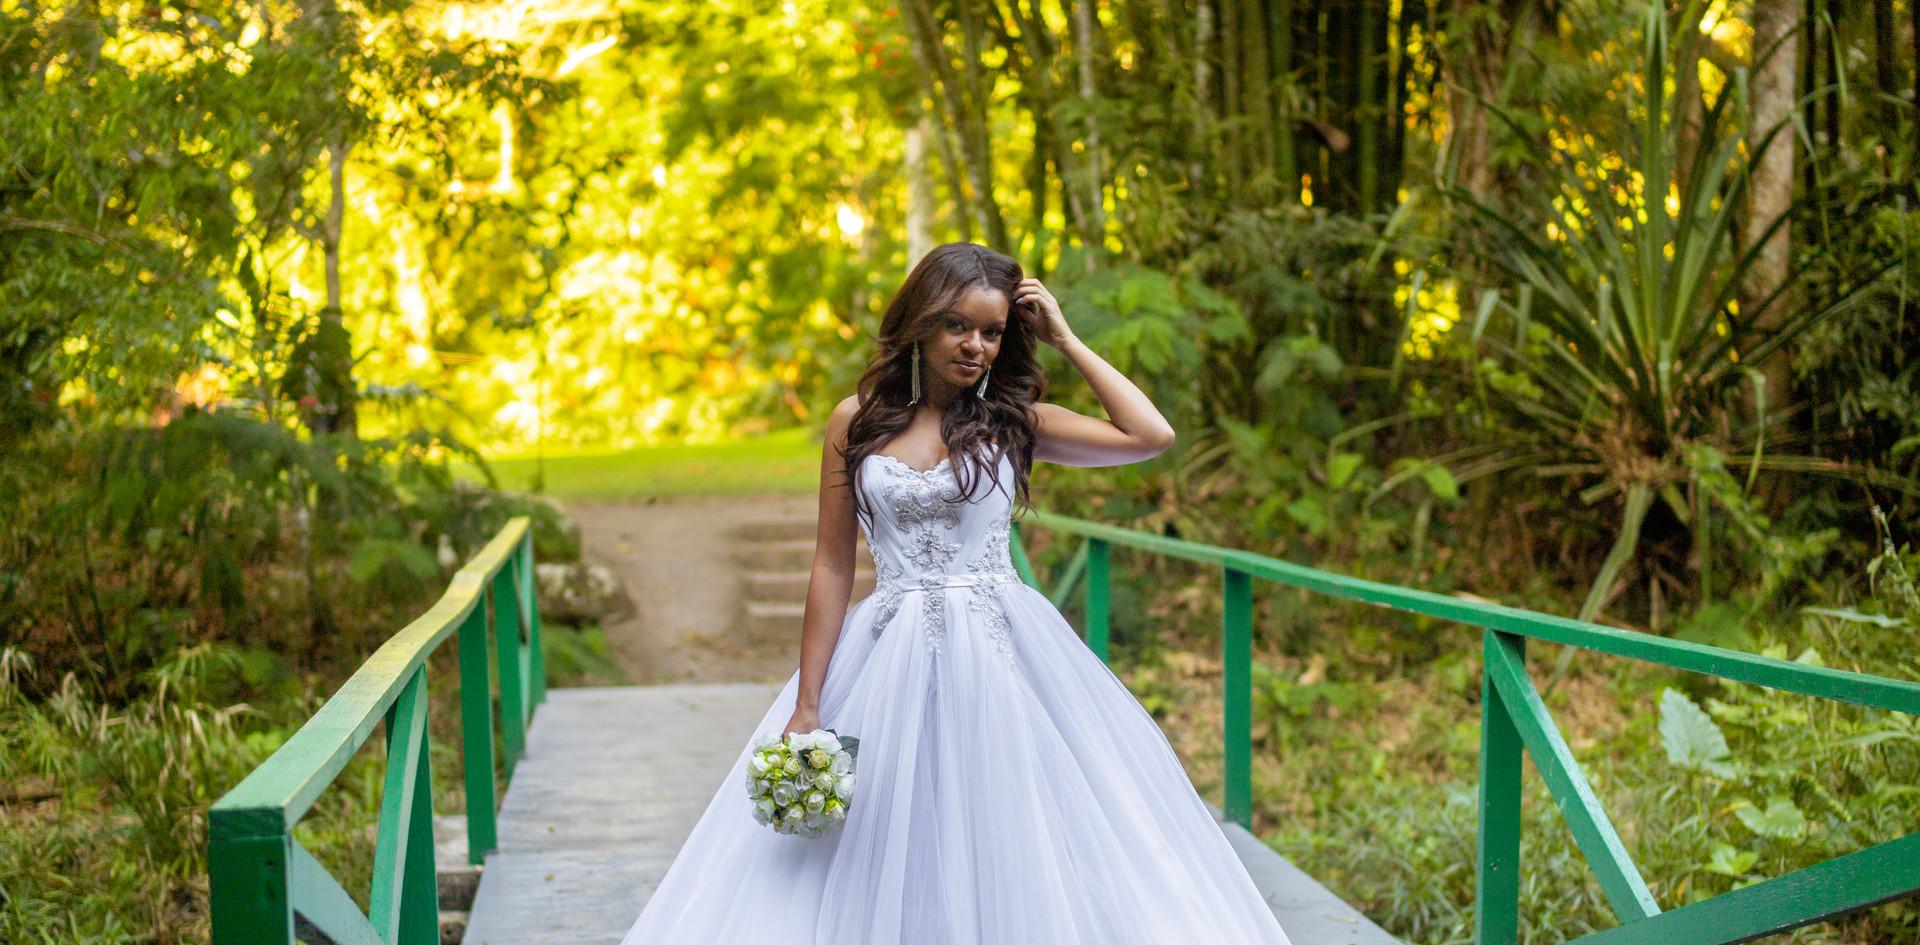 Bliss Bridal BRIDAL OASIS